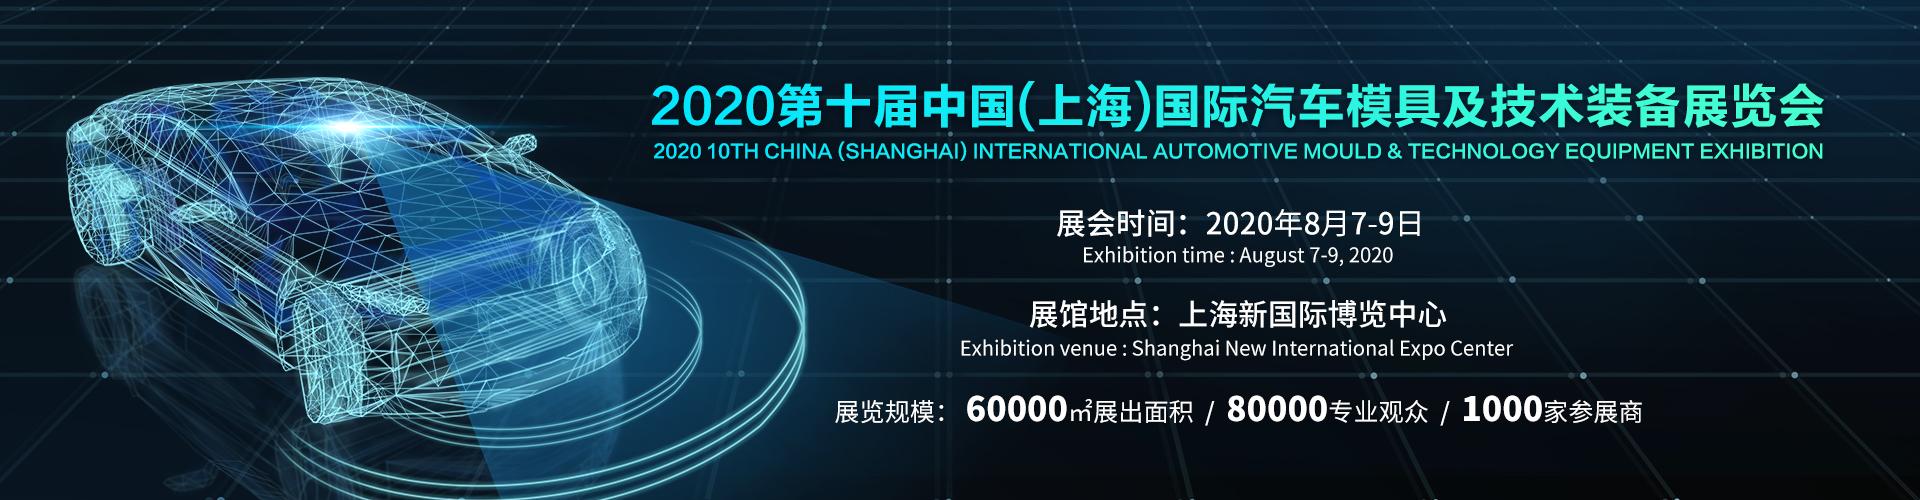 2020第十屆中國上海國際汽車模具及技術裝備展覽會